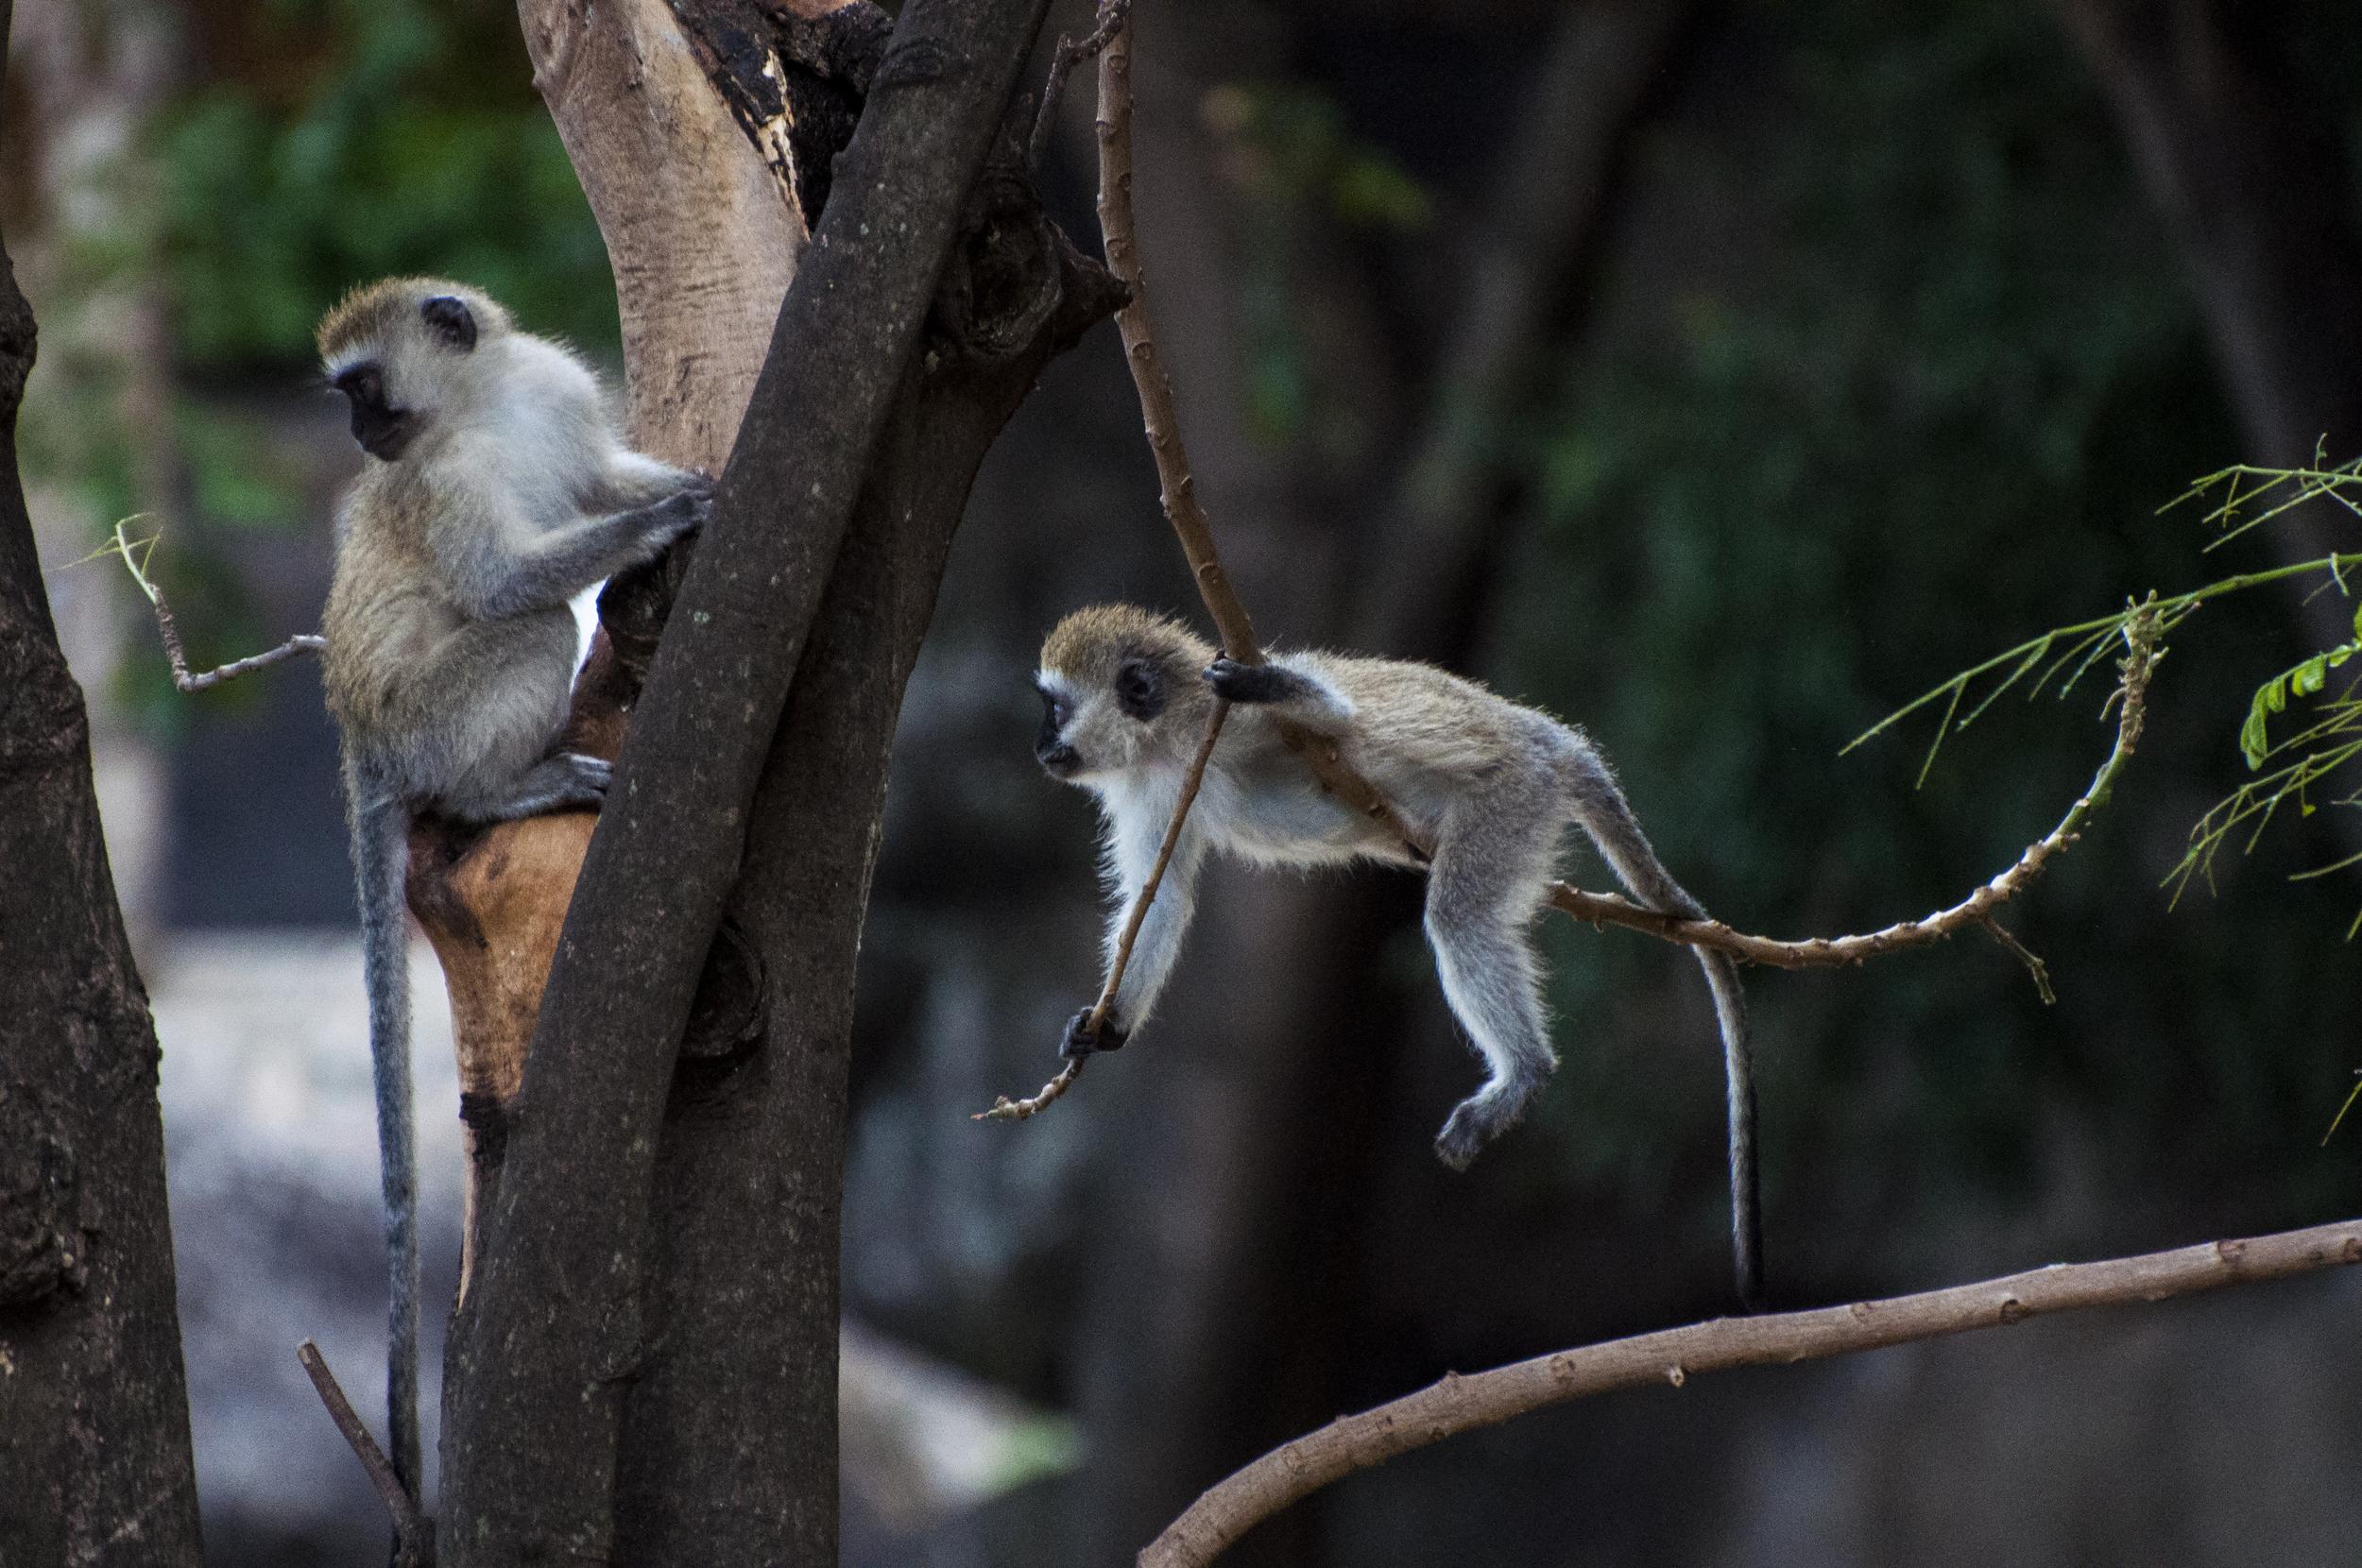 monkeymonkey.jpg